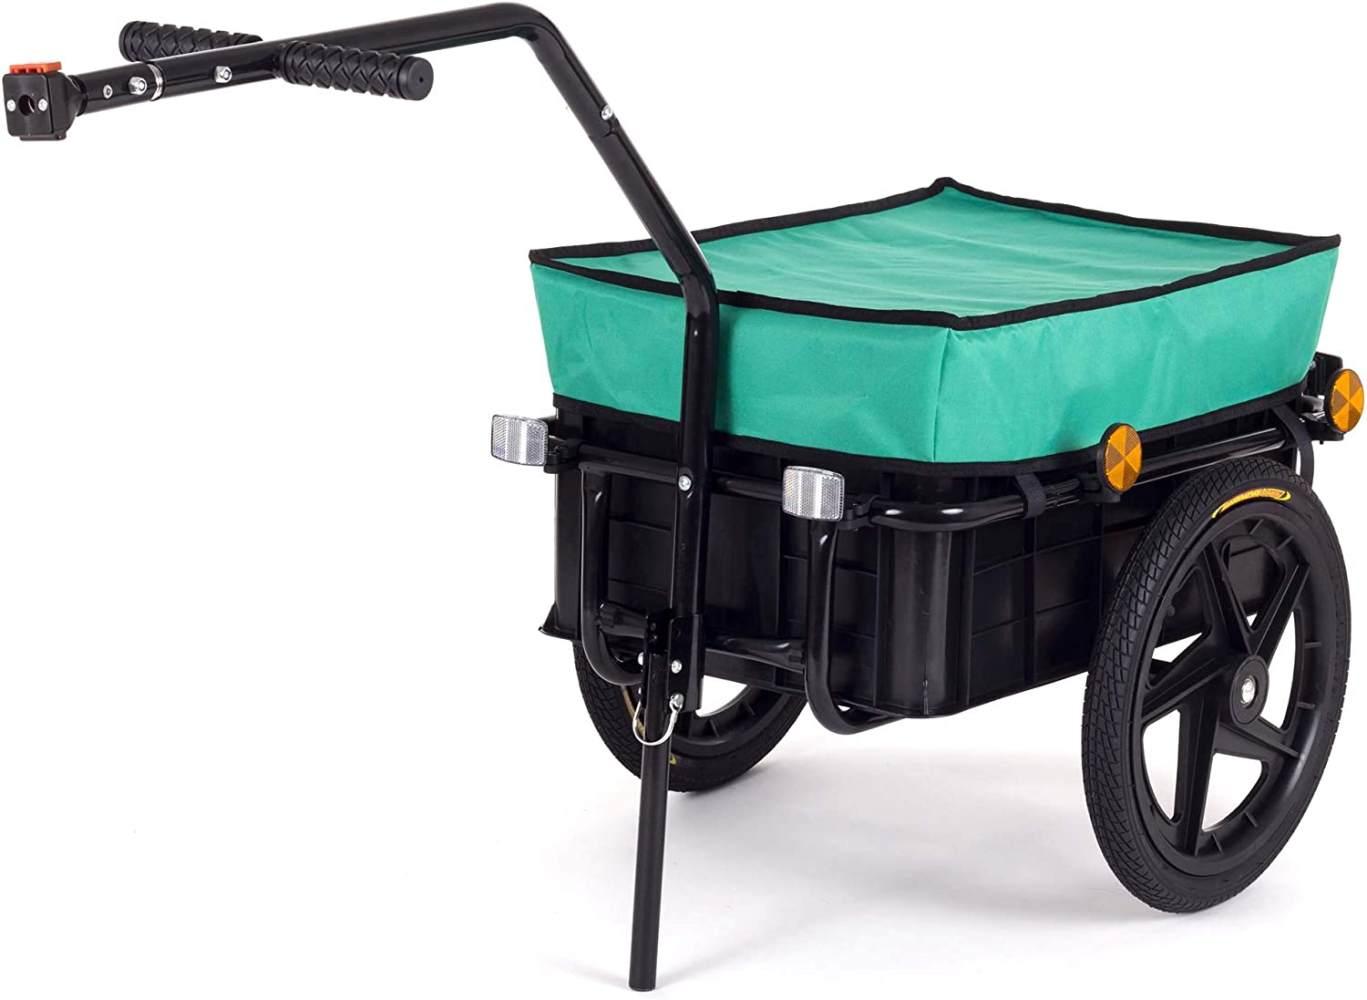 SAMAX Transportanhänger Fahrradanhänger Lastenanhänger Fahrrad Anhänger Handwagen mit Kunststoffwanne für 60 Kg / 70 Liter in Grün Bild 1